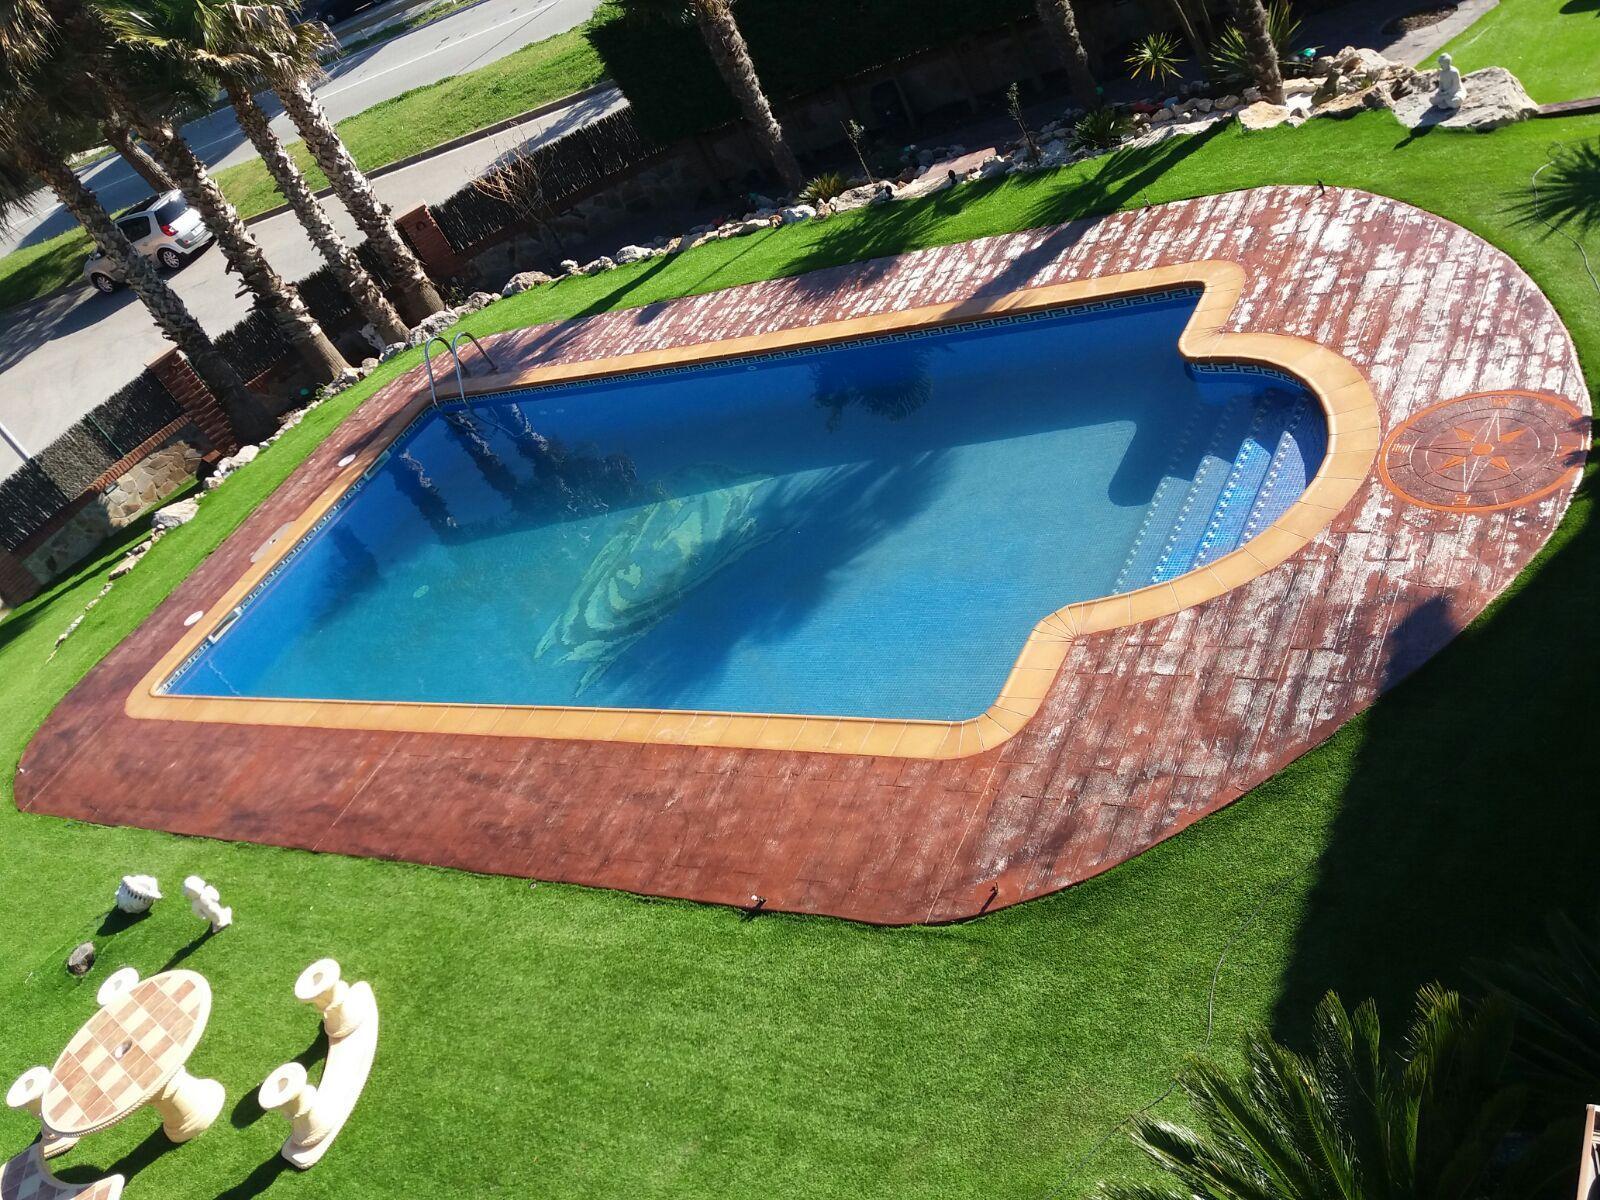 Piscina de hormig n impreso hormigon impreso barcelona for Hormigon impreso para piscinas